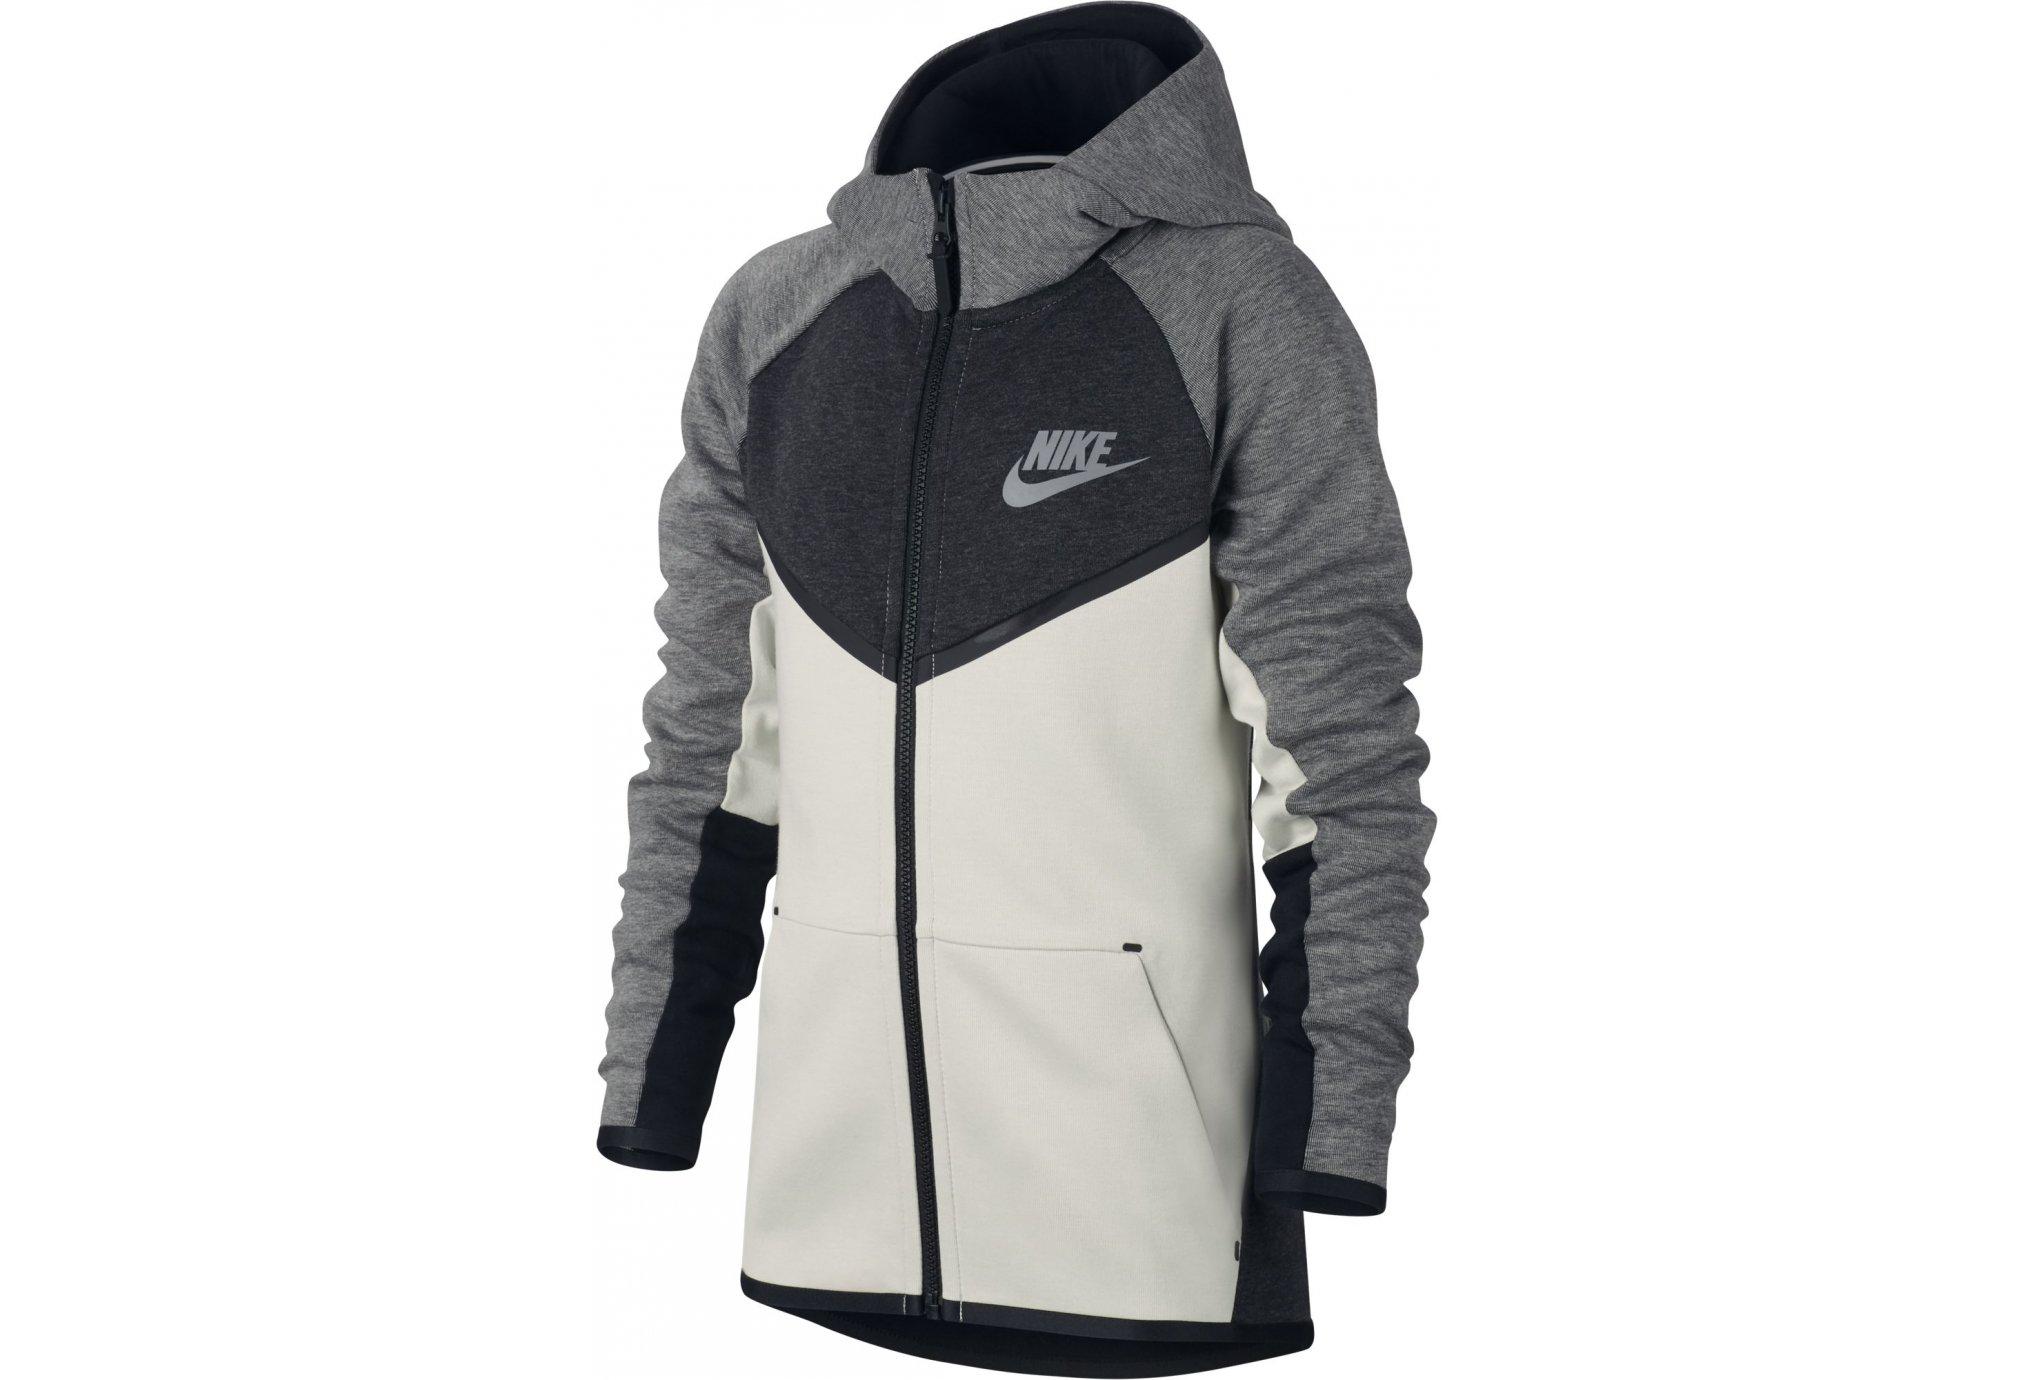 Nike Tech Fleece Windrunner Junior Diététique Vêtements homme